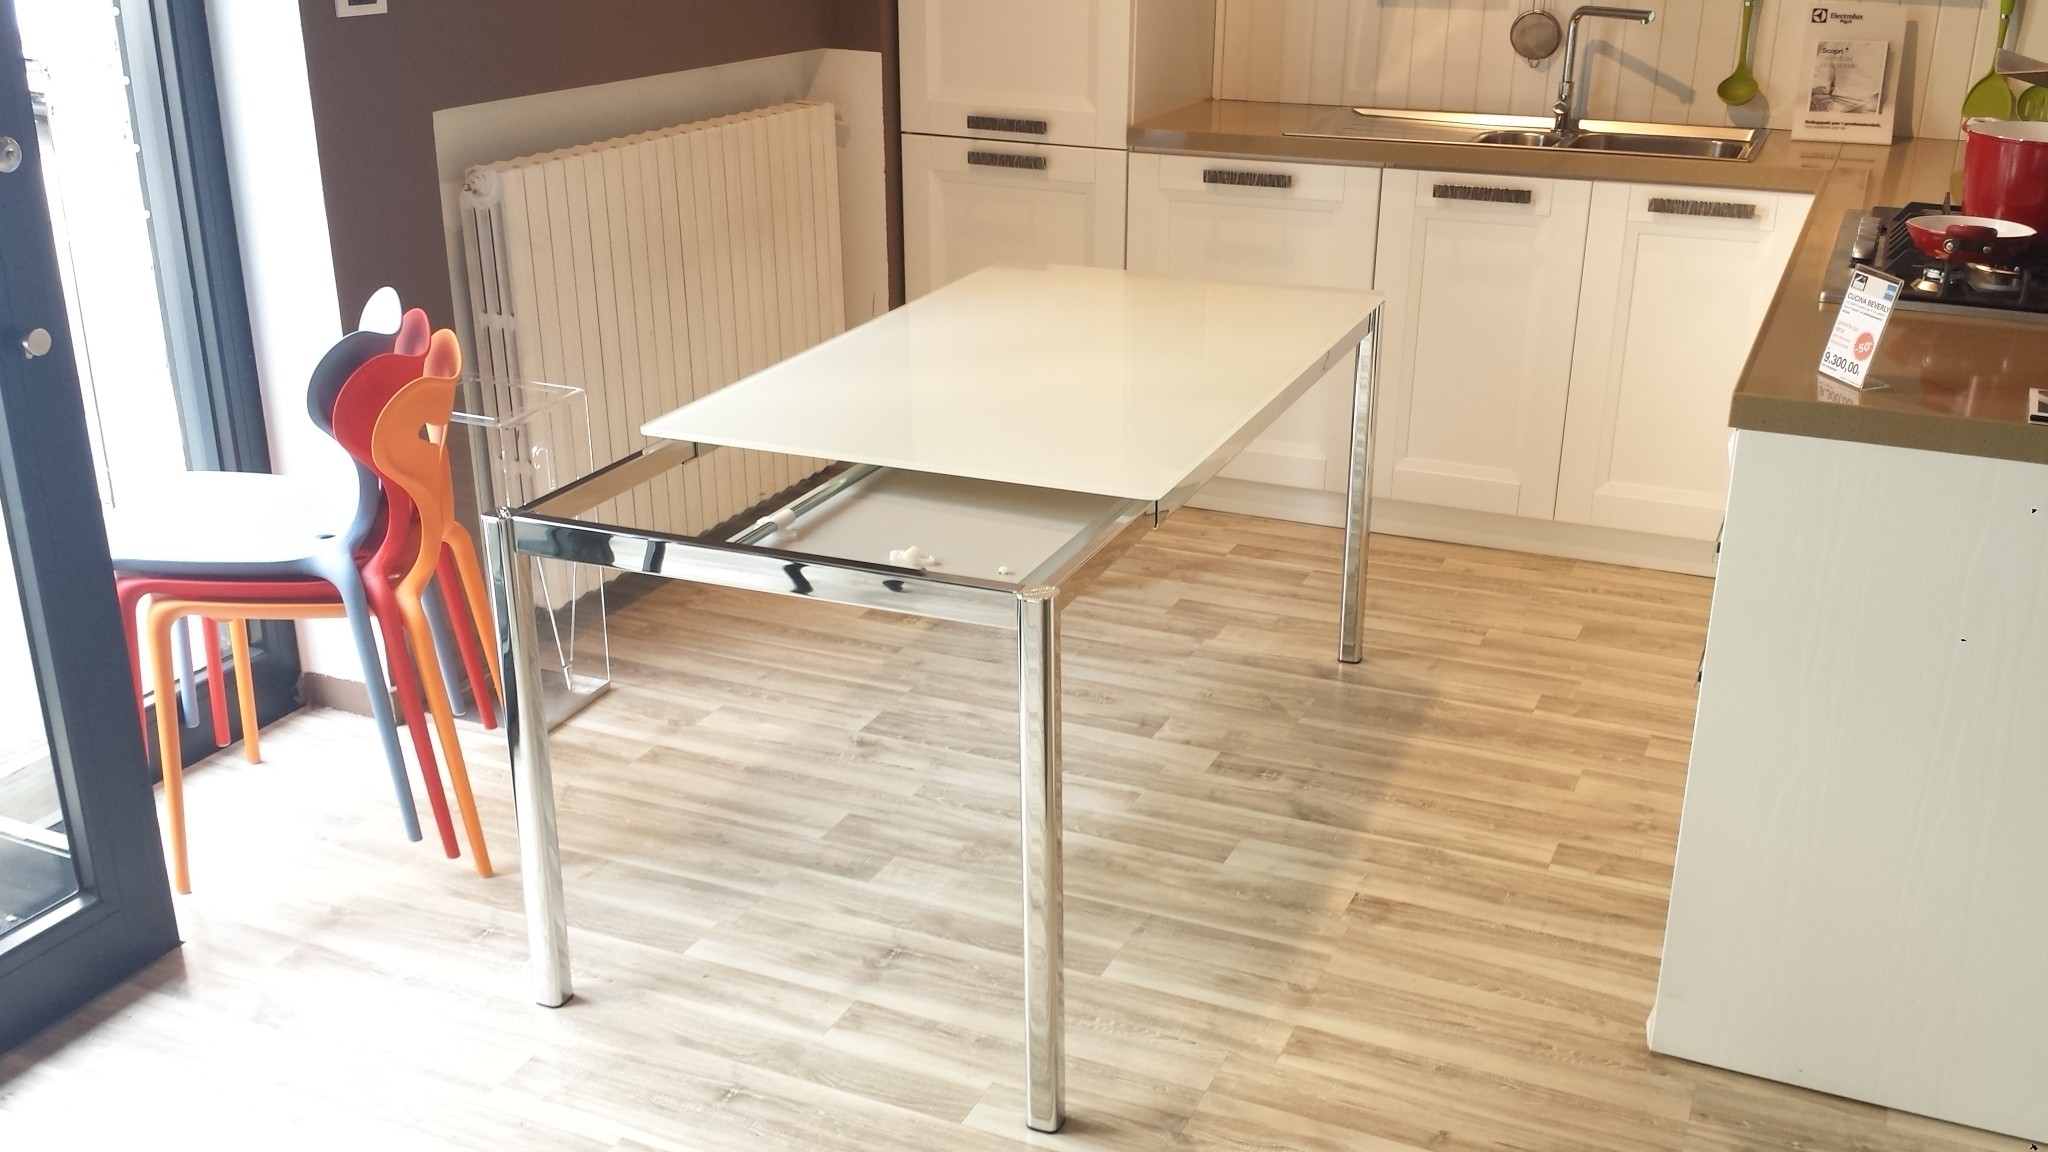 Tavolo da cucina allungabile performance tavoli a prezzi - Sedie da cucina prezzi ...